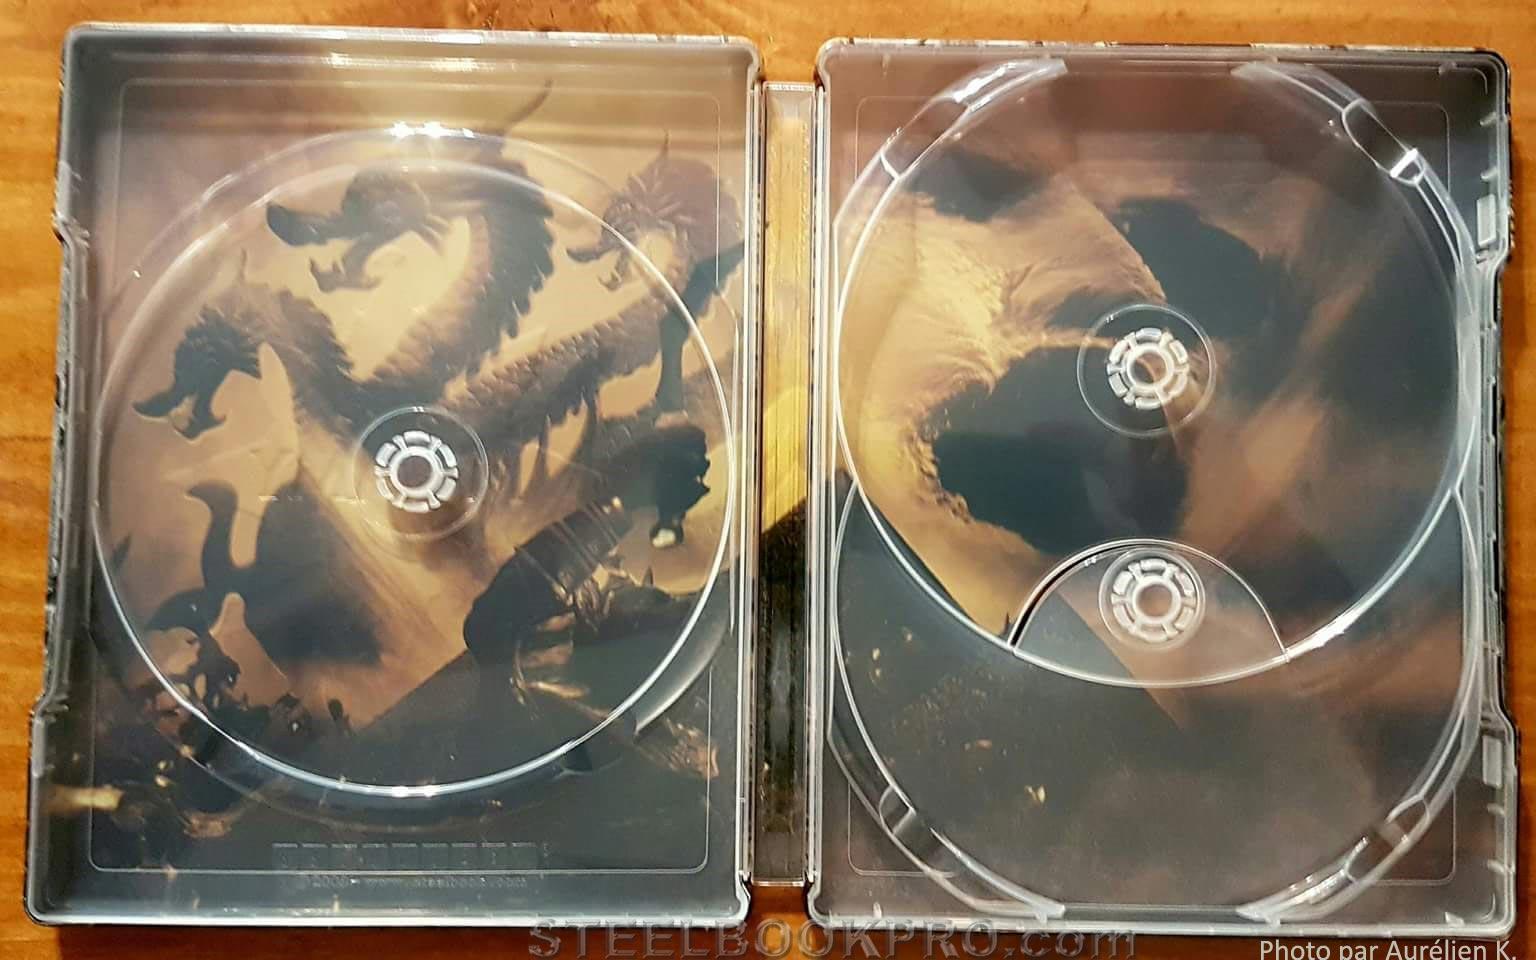 Mummy-trilogy-steelbook-it-3